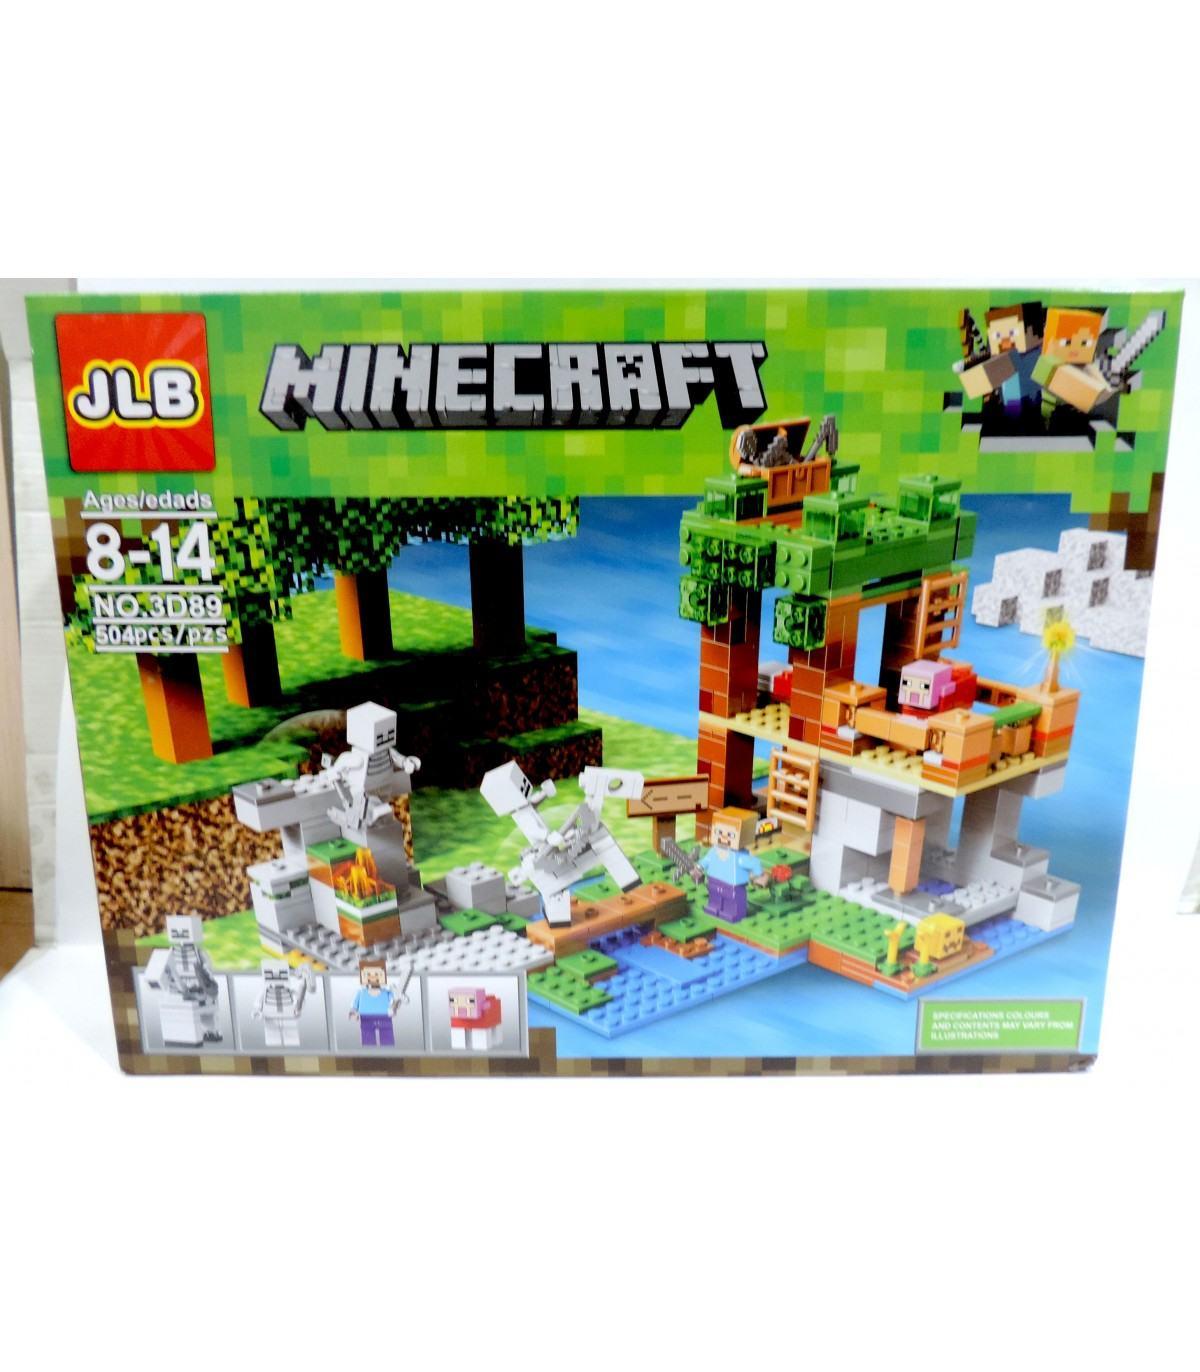 Фотография 1 товарной позиции интернет-магазина детских игрушек www.smarttoys.com.ua Конструктор Майнкрафт JLB Minecraft